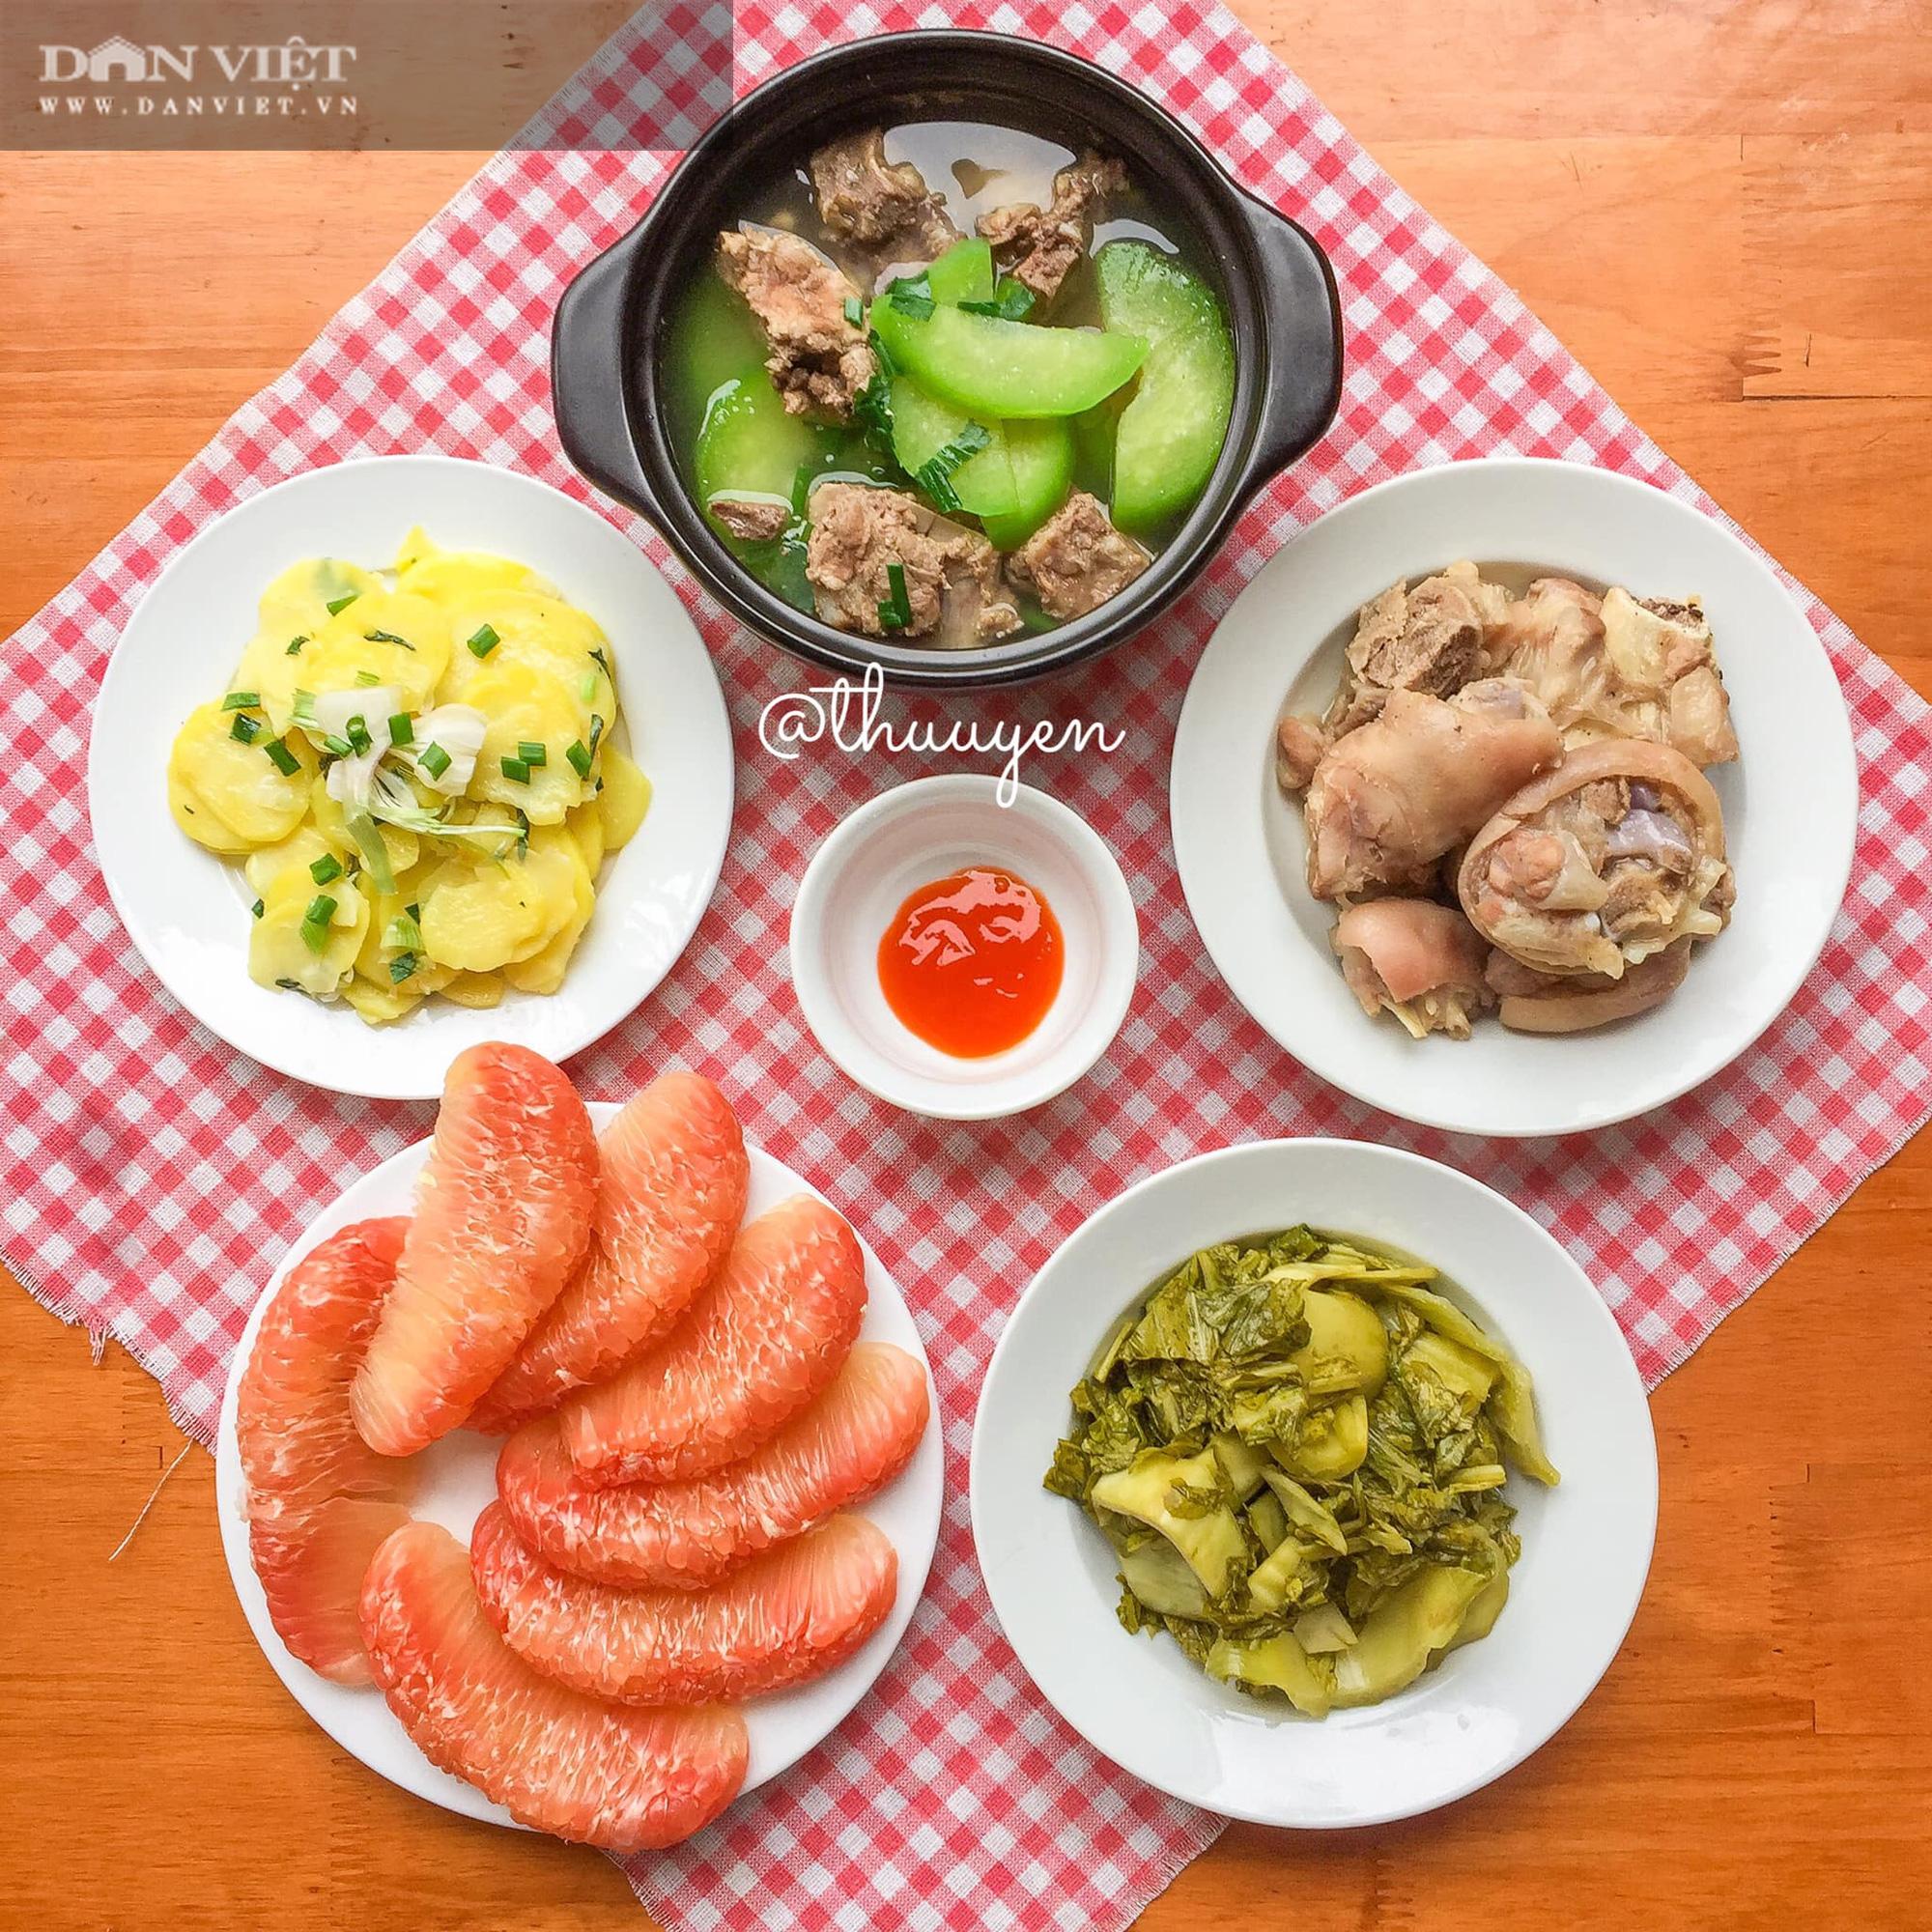 Gợi ý 9 thực đơn cho bữa cơm gia đình xua tan cái nóng của mùa hè - Ảnh 1.